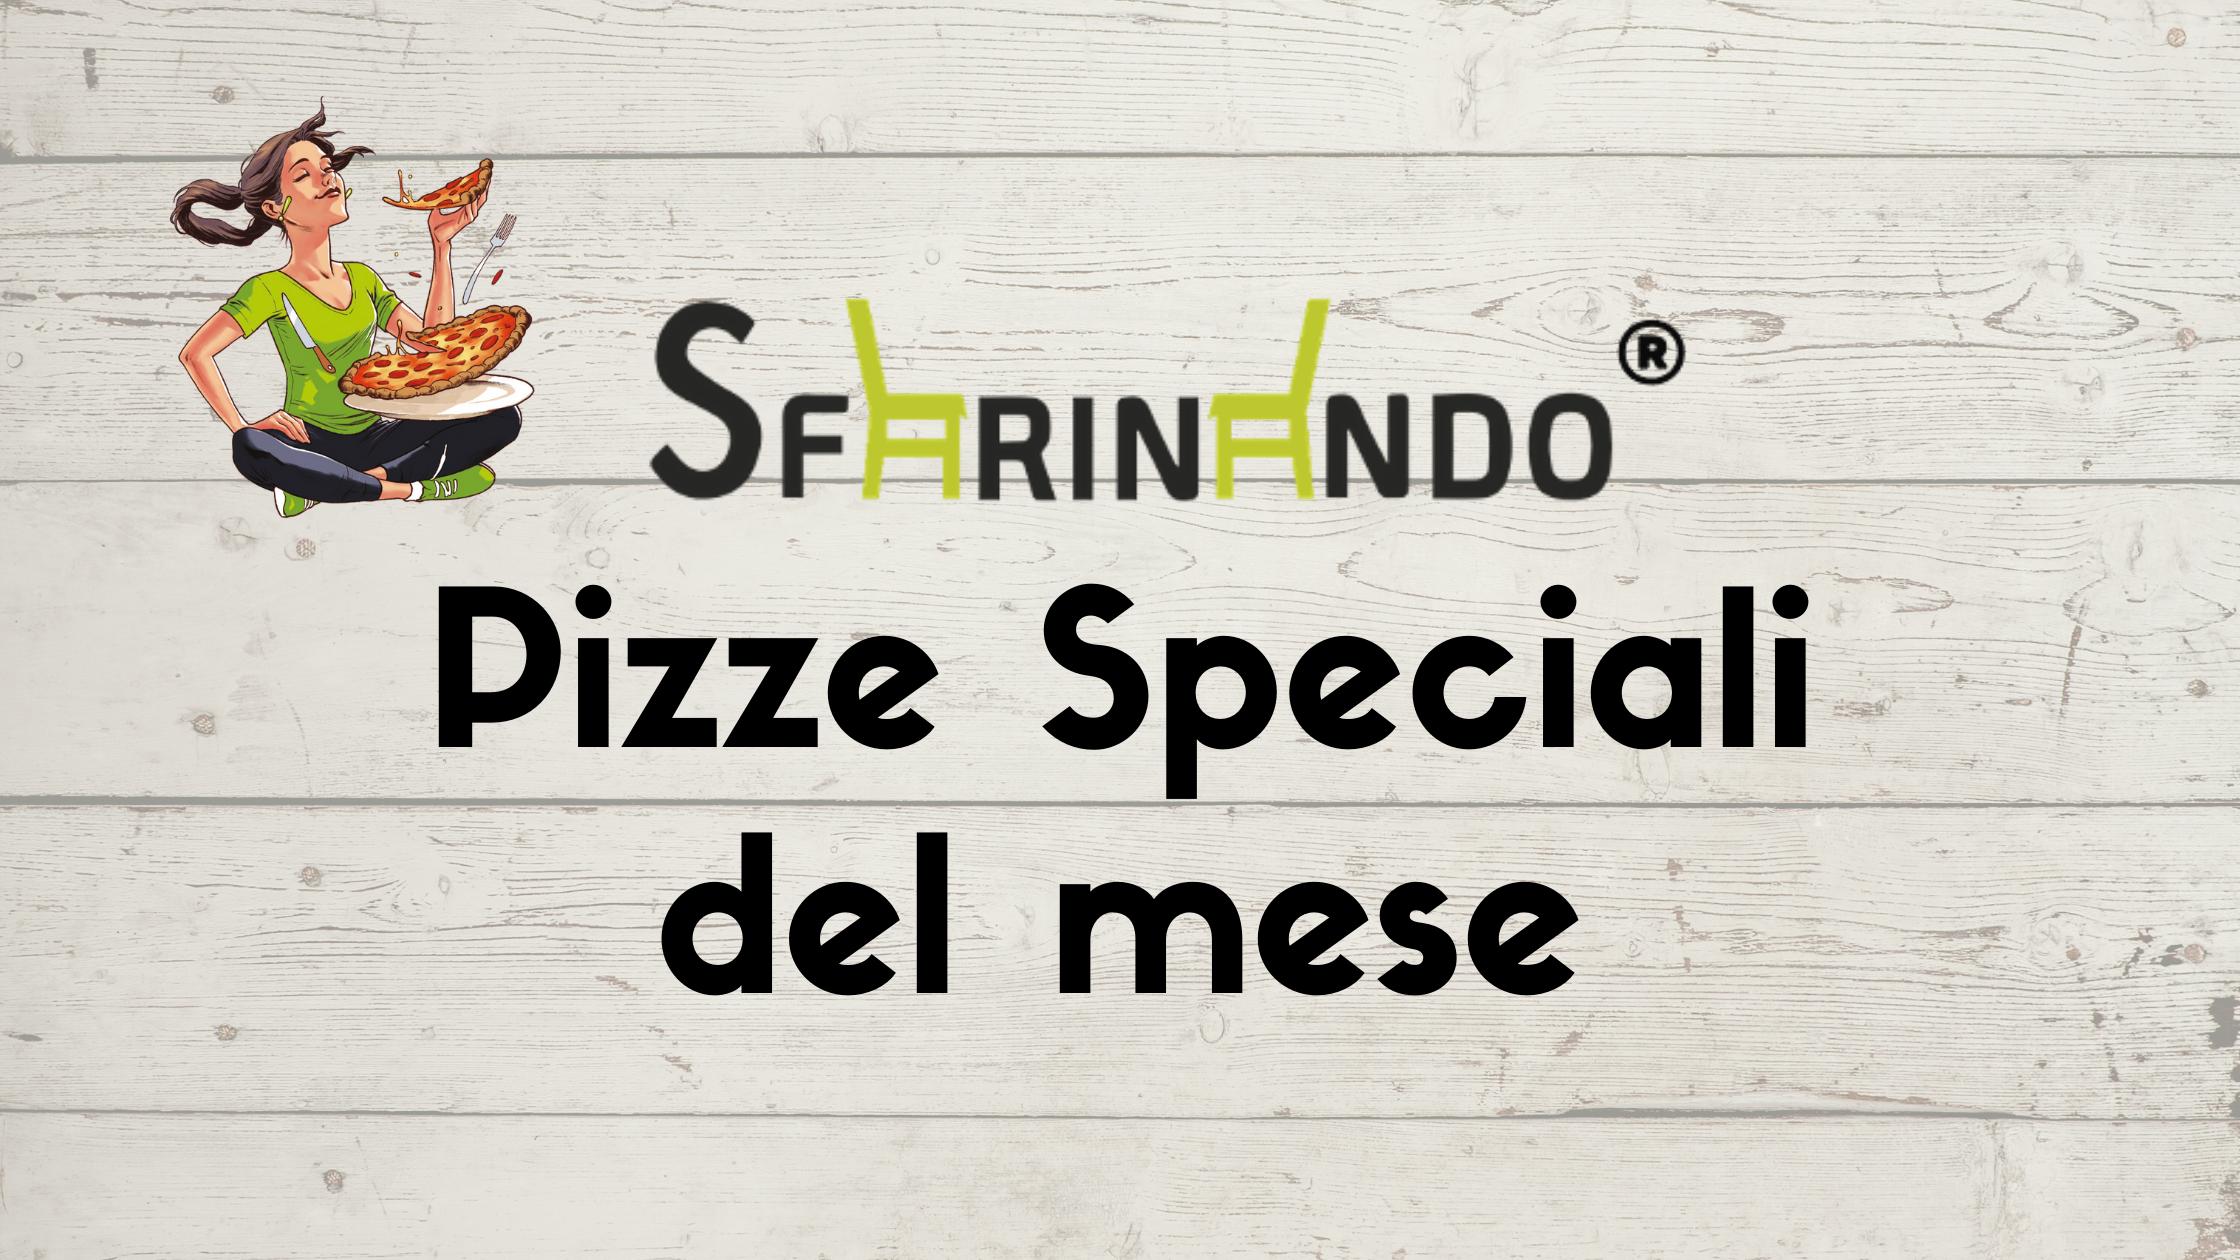 pizze speciali del mese sfarinando